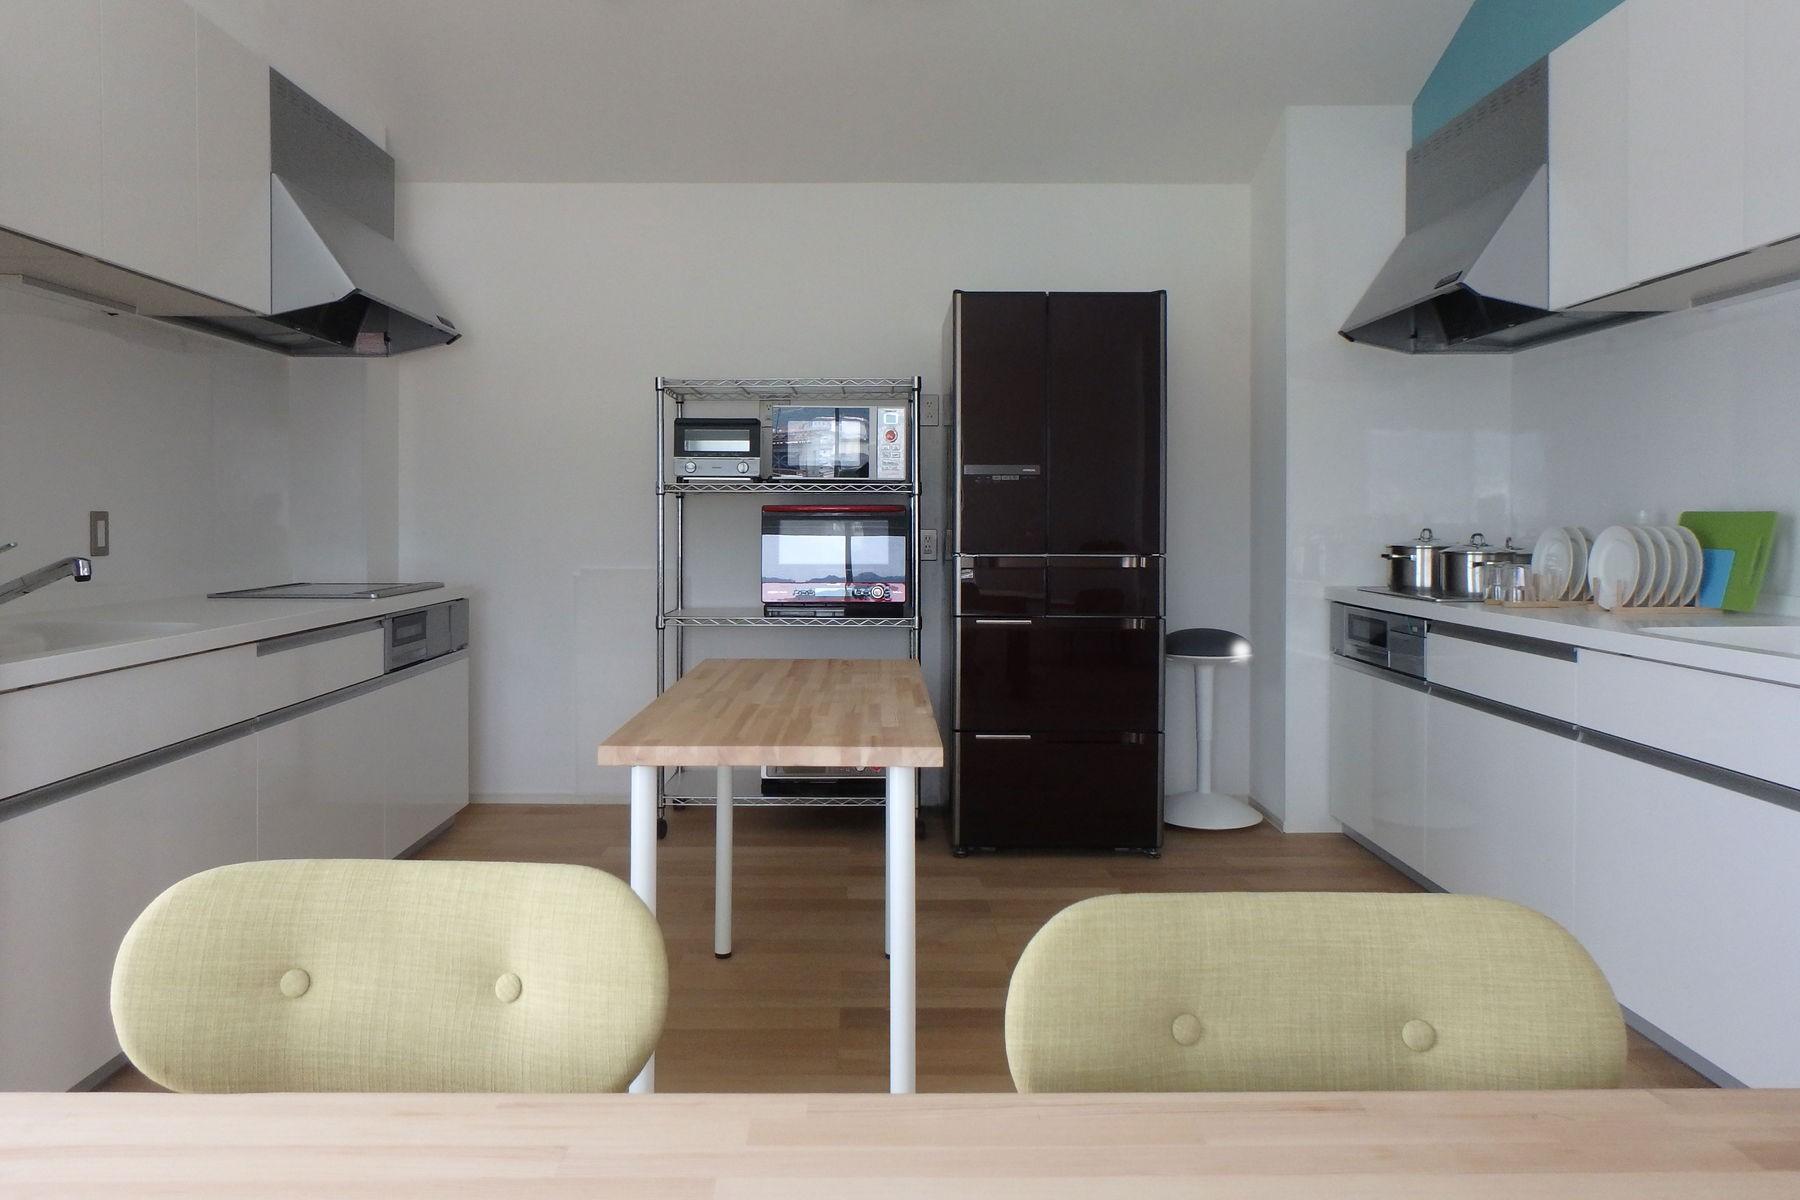 キッチン事例:共用キッチン(Kururi|倉庫・工場をコンバージョンしたゲストハウス・シェアハウス【奈良市】)